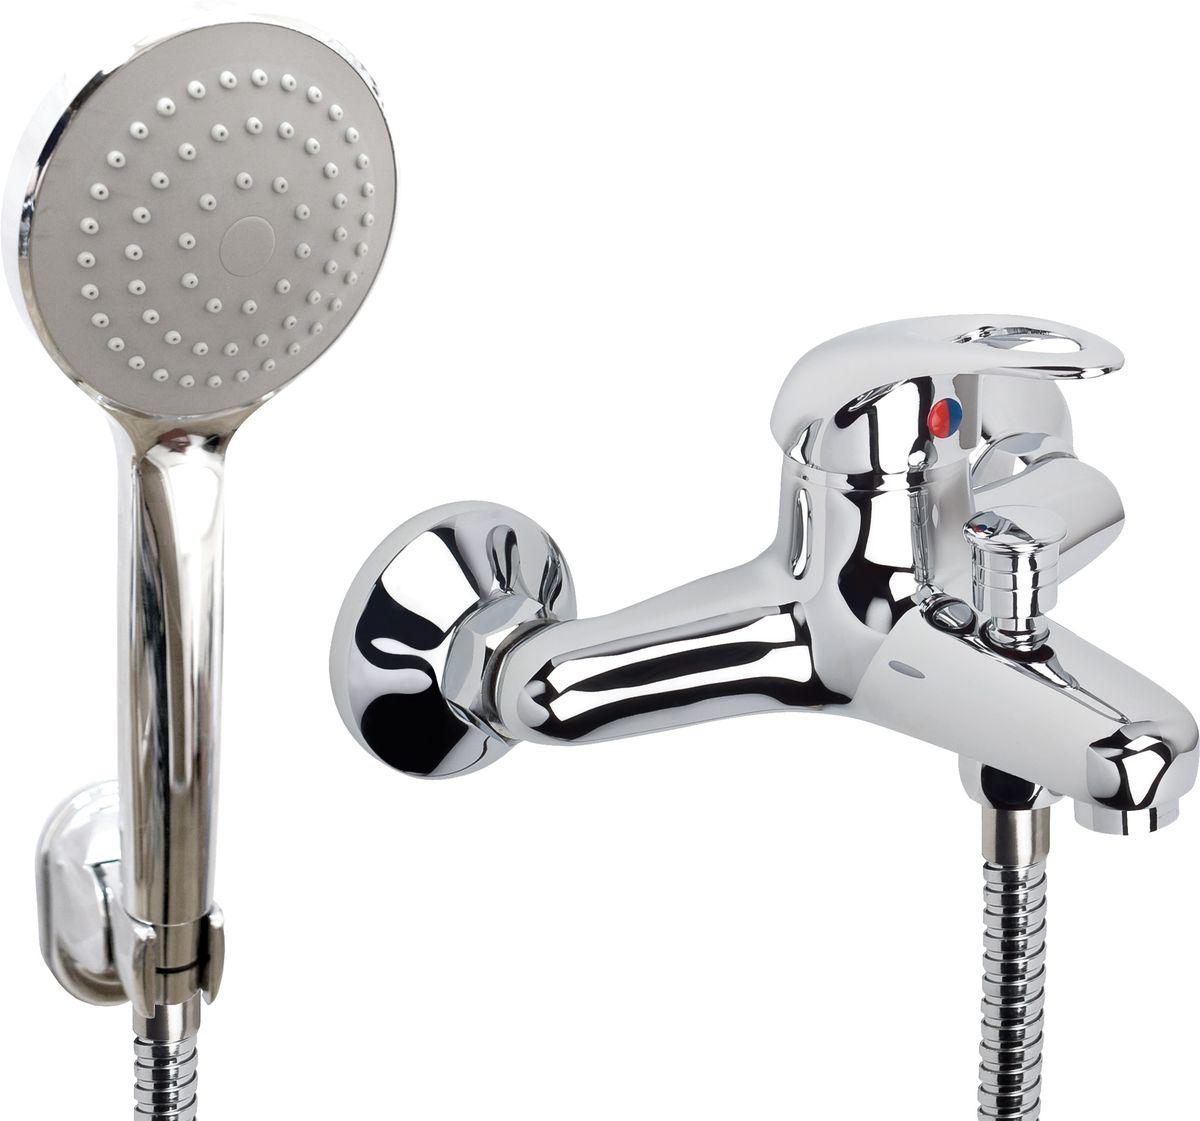 Смеситель для ванны и умывальника Argo Open, L-образный излив, длина 37,5 см9707Смеситель для ванны и умывальника Argo Open предназначен для смешивания холодной и горячей воды, крепится на стену. Смеситель изготовлен из качественного металла с покрытием из никеля и хрома.Запорный механизм: картридж d-35 мм short-size. Аэратор: М24х1 Only-Plast 10-13 л/мин при 0,3 МПа.Лейка Mono трехпозиционная: душ, массаж, душ/массаж. Оплетка: хромированная нержавеющая сталь. Крепеж: эксцентрик 3/4 х 1/2 + прокладка-фильтр. Длина излива: 37,5 см.